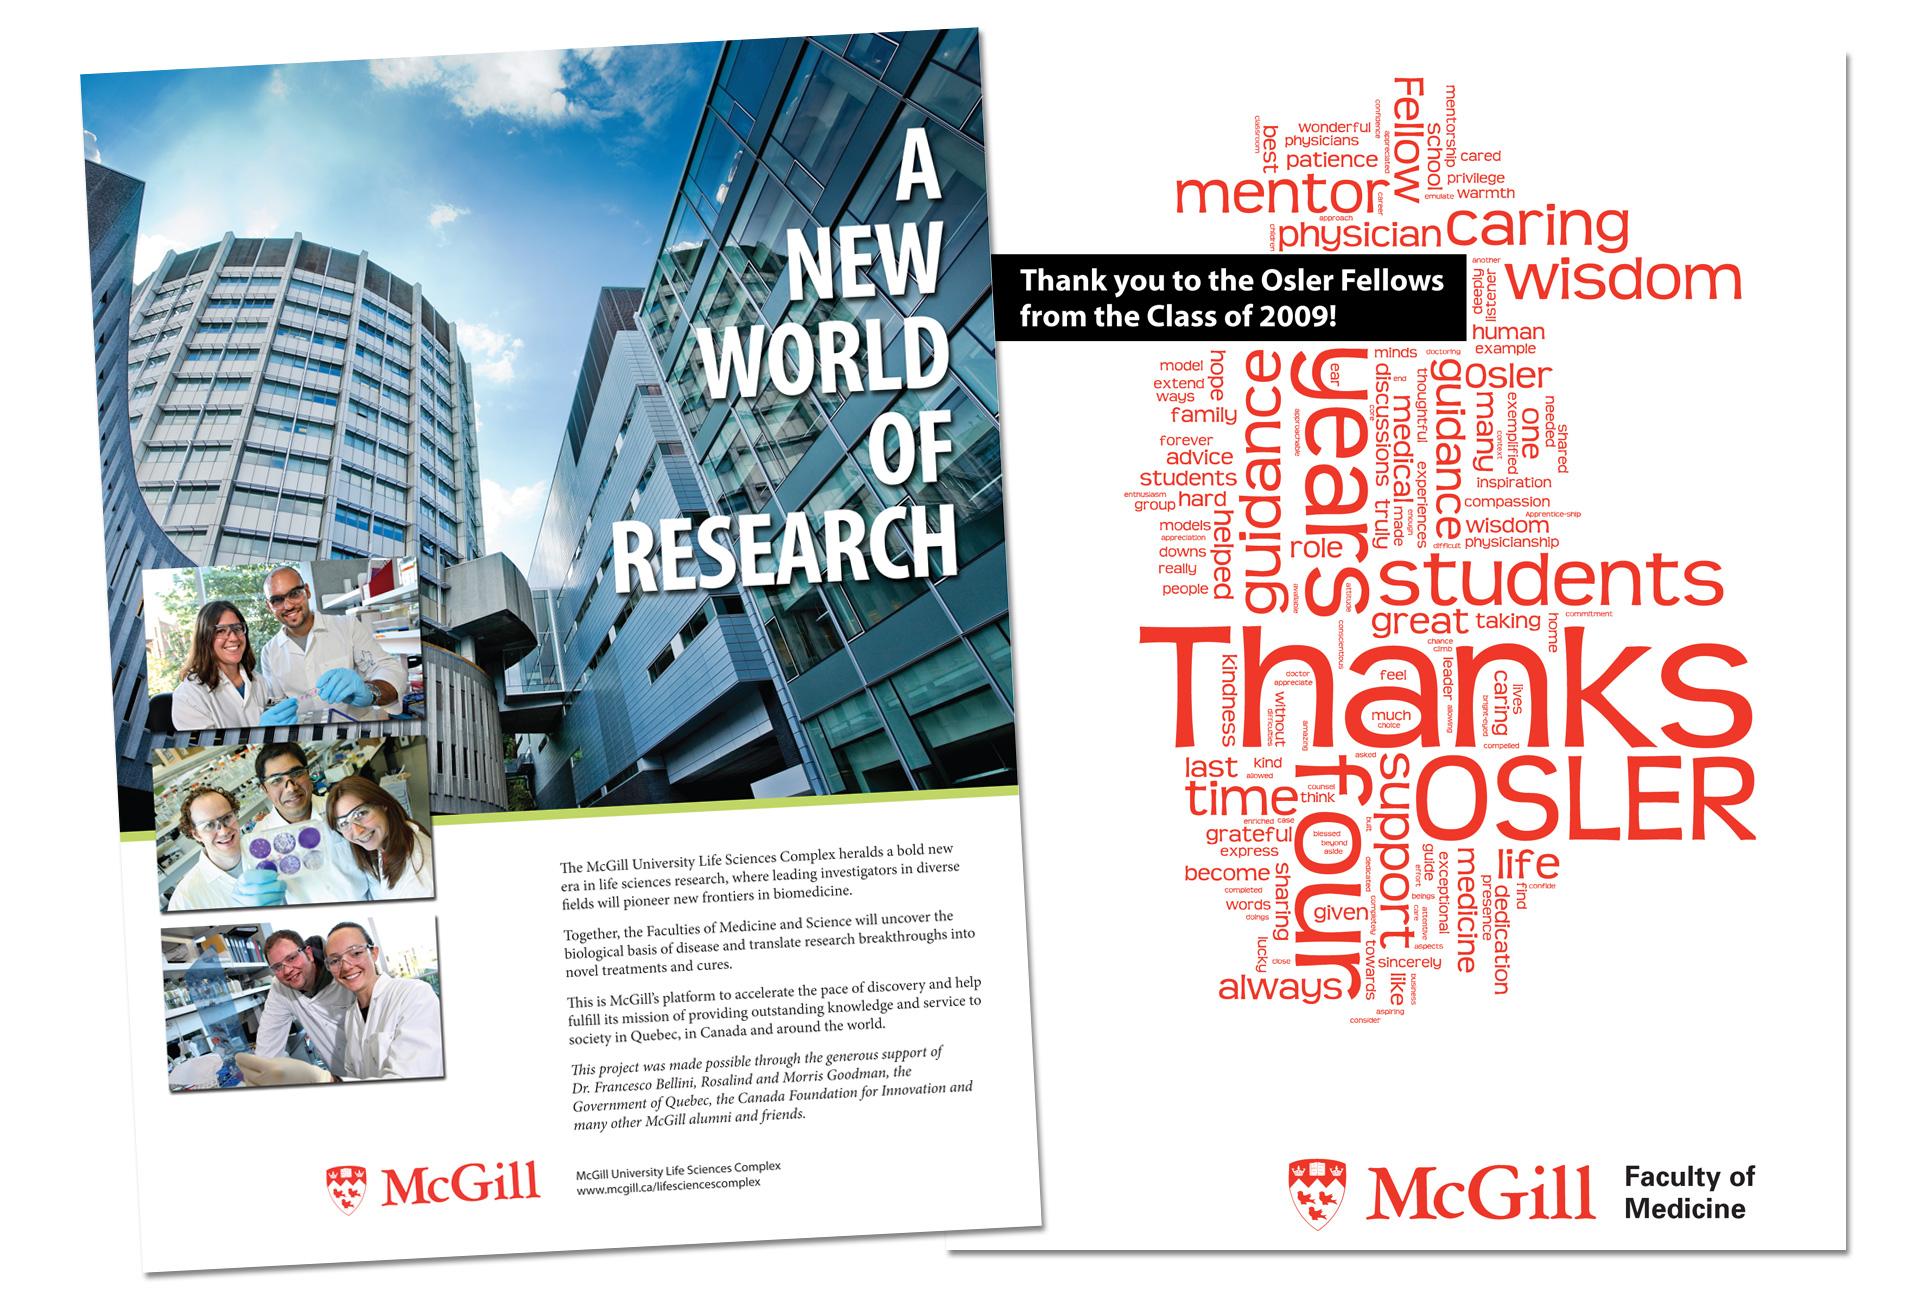 McGill Life Sciences Complex ad